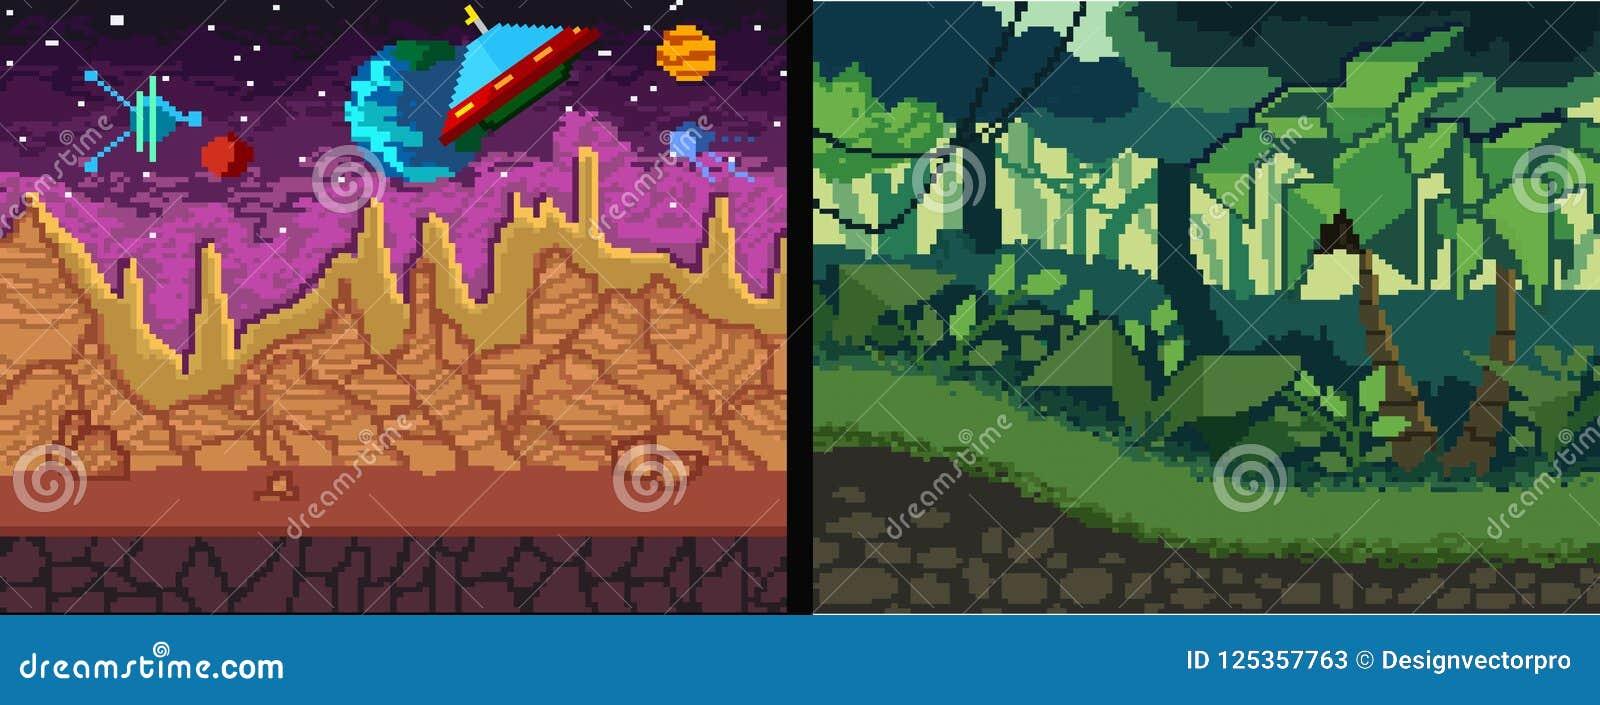 Fundos da arte do pixel ajustados Tema da selva e do espaço do pixel para o jogo